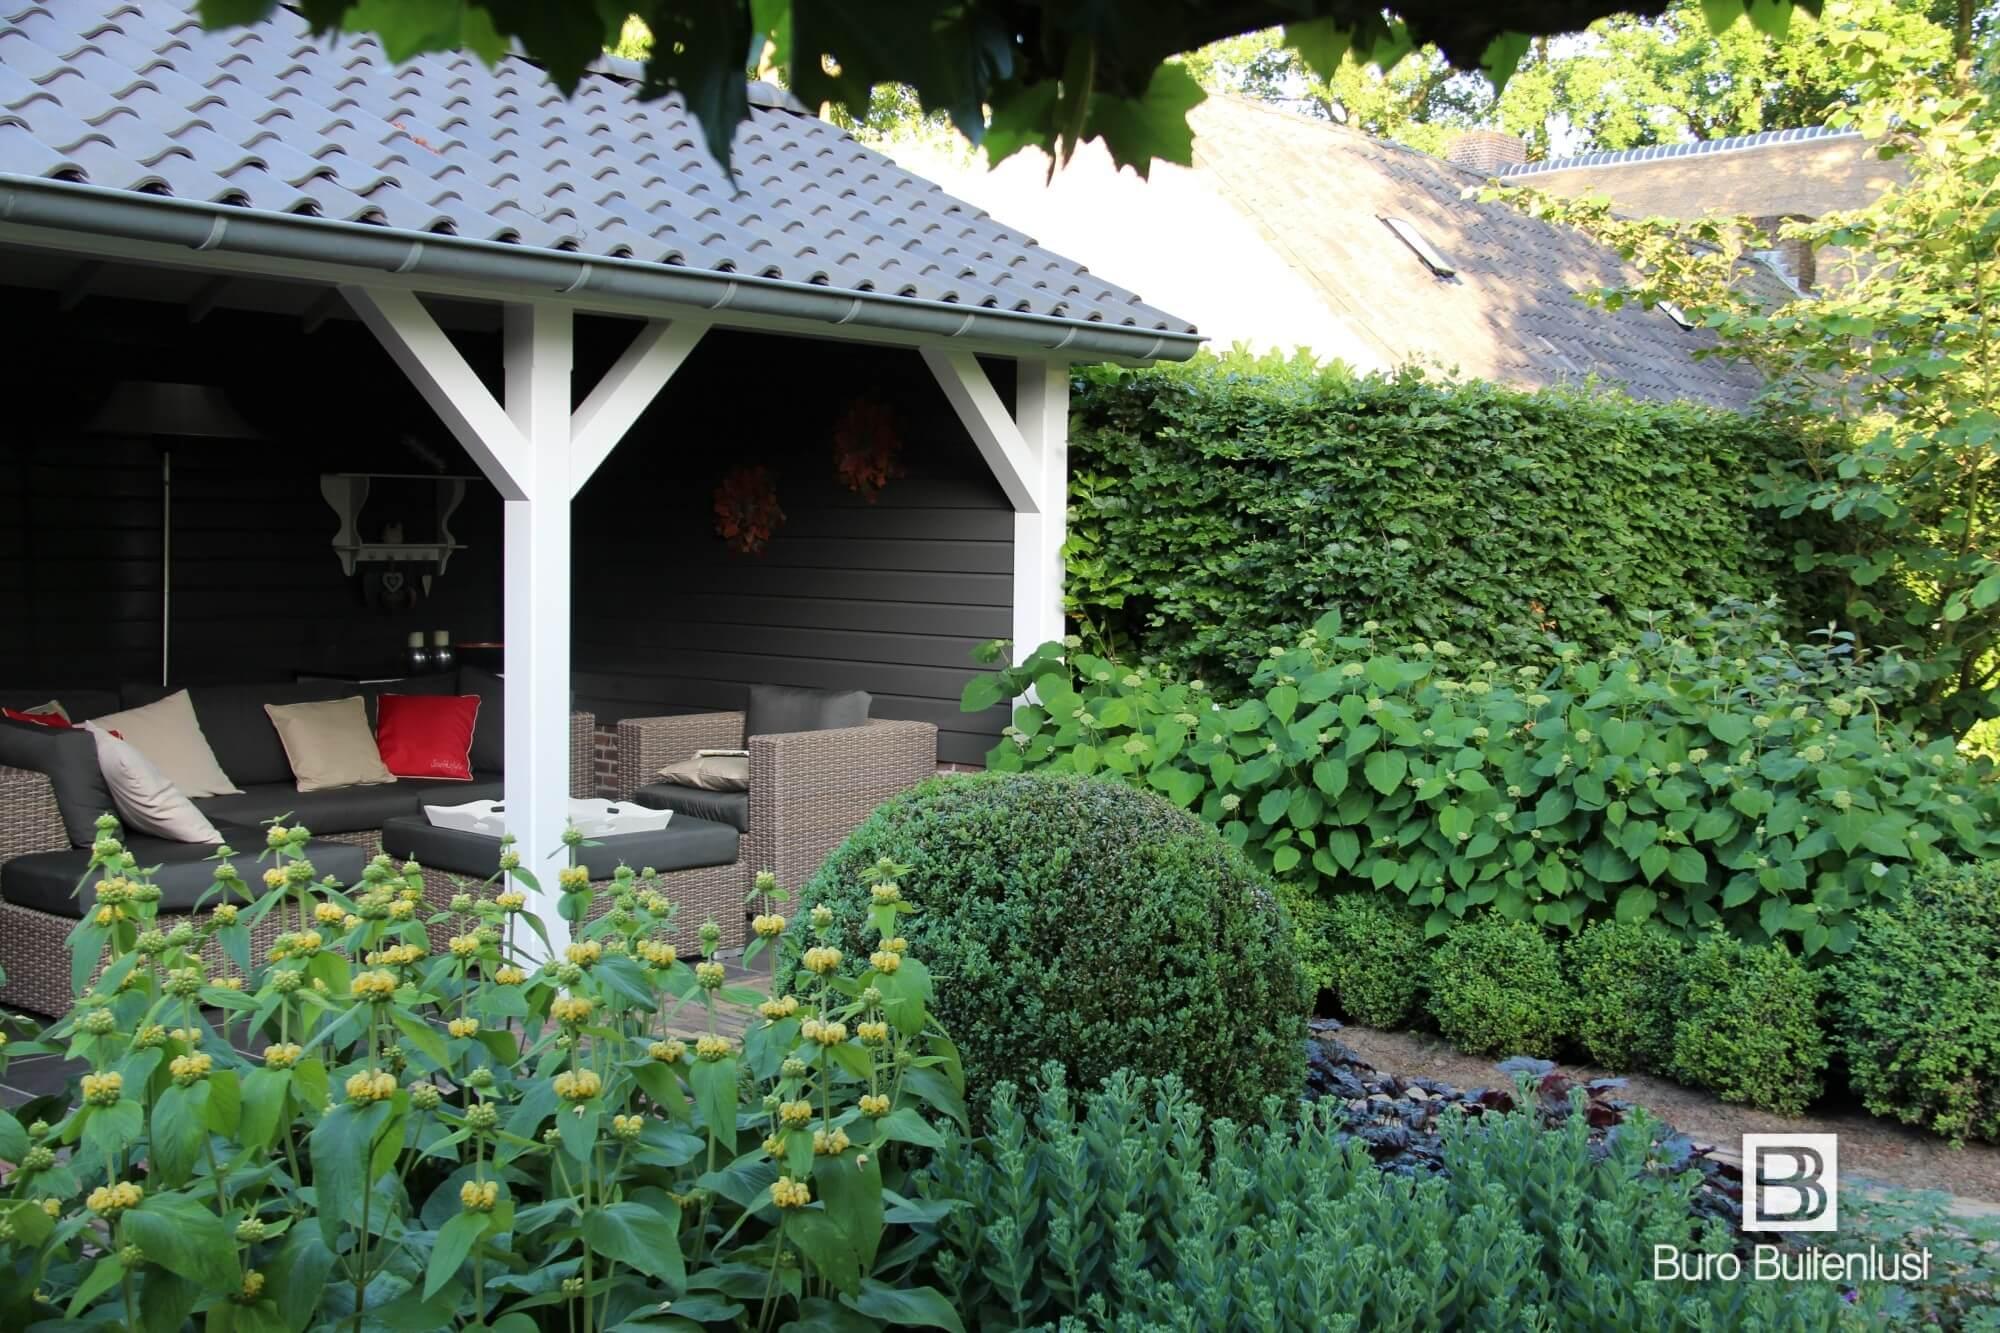 Buro Buitenlust ontwerpt sfeervolle tuinen met een natuurlijke uitstraling. Tuinen die elk jaar mooier worden.